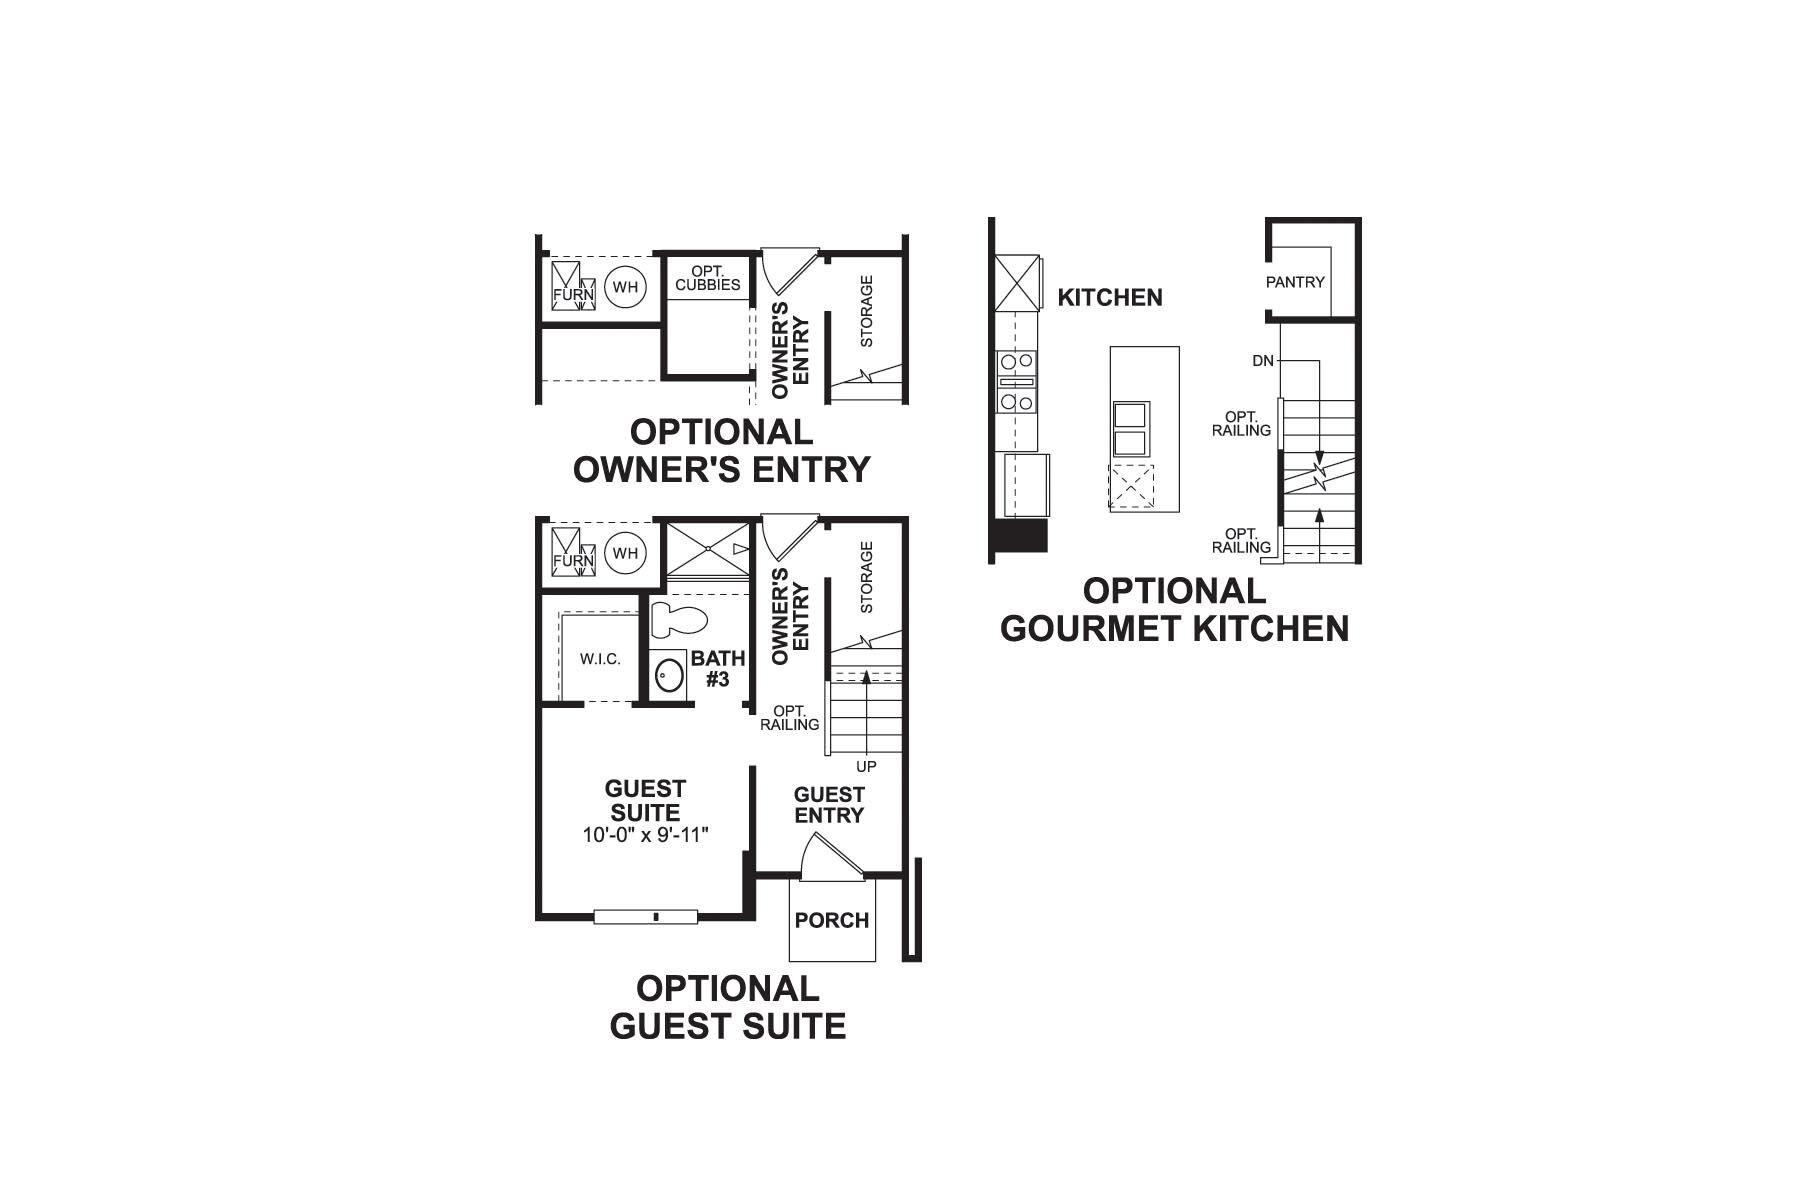 t1600 Floorplan Options